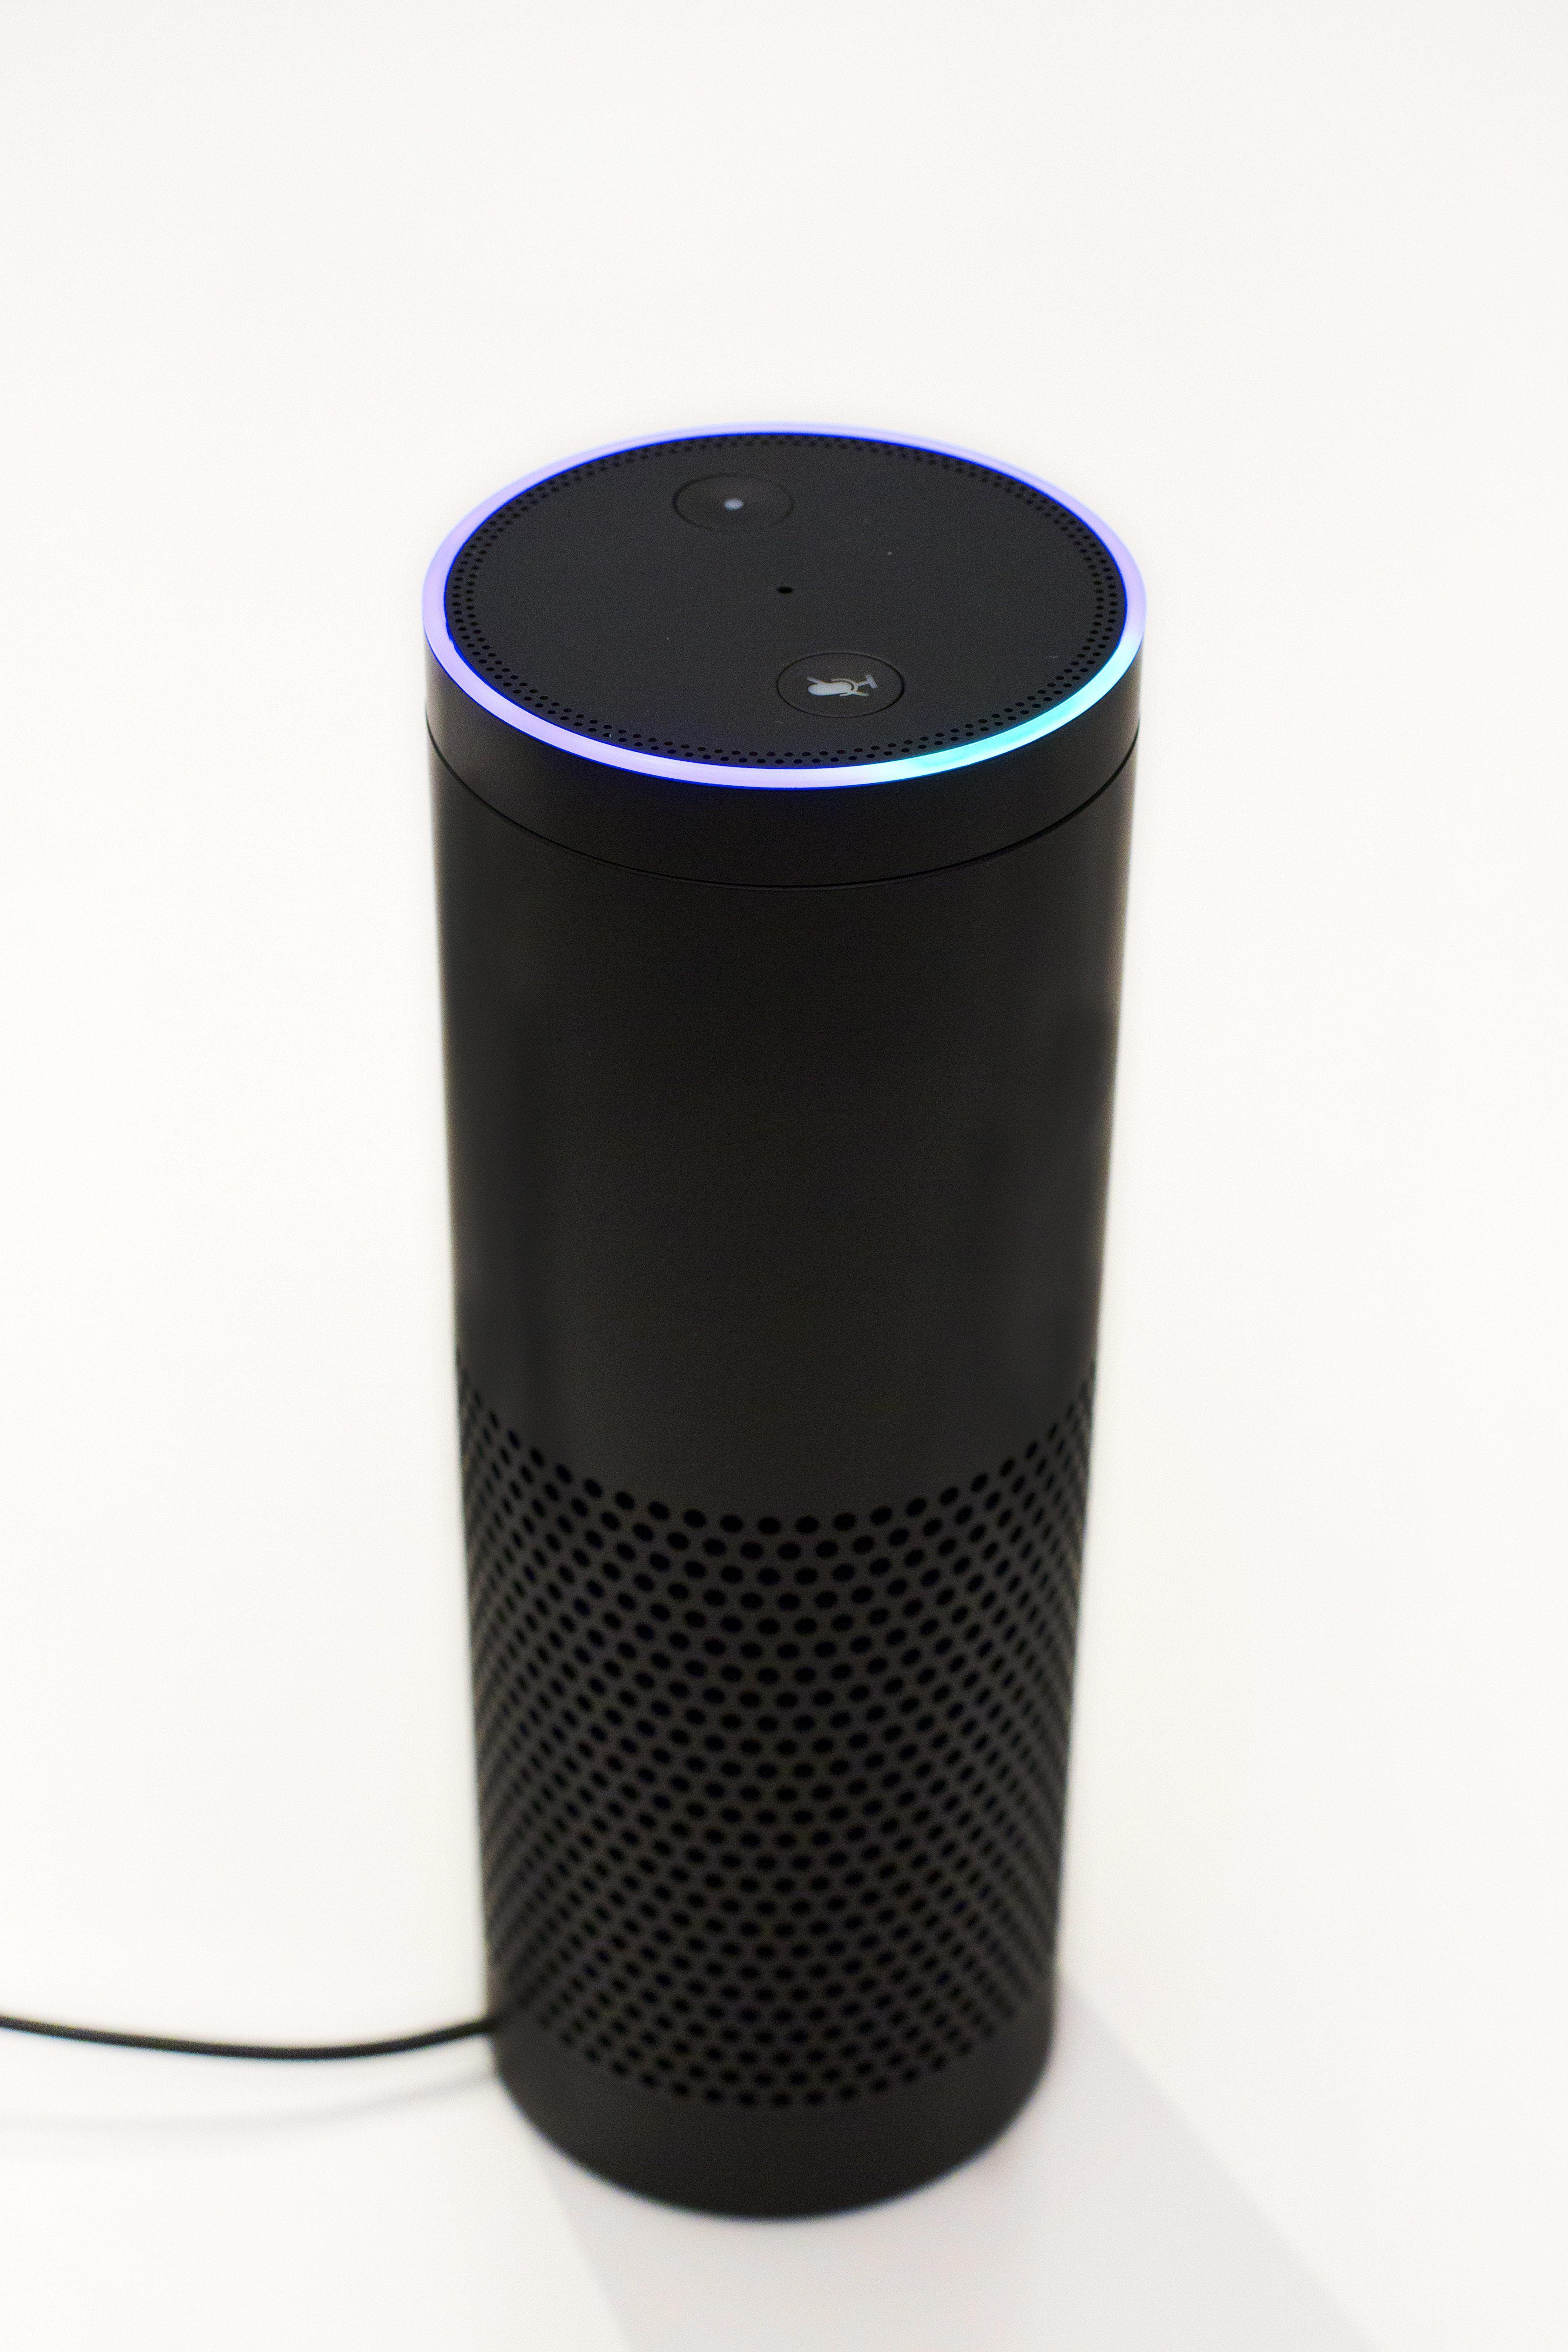 Amazon's Alexa Attempts To Fact-Check Tech Executive During CES